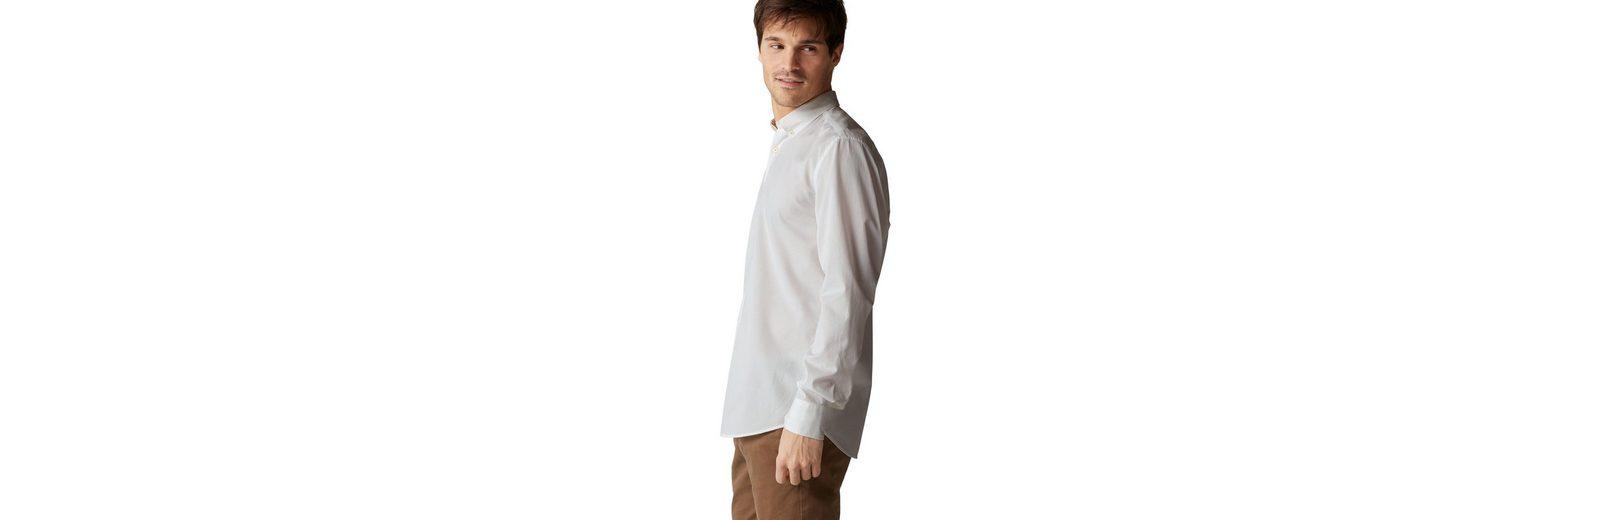 Marc O'Polo Langarmhemd Footlocker Finish Zum Verkauf Limit Rabatt Mit Paypal Zahlen Zu Verkaufen j8IHtd